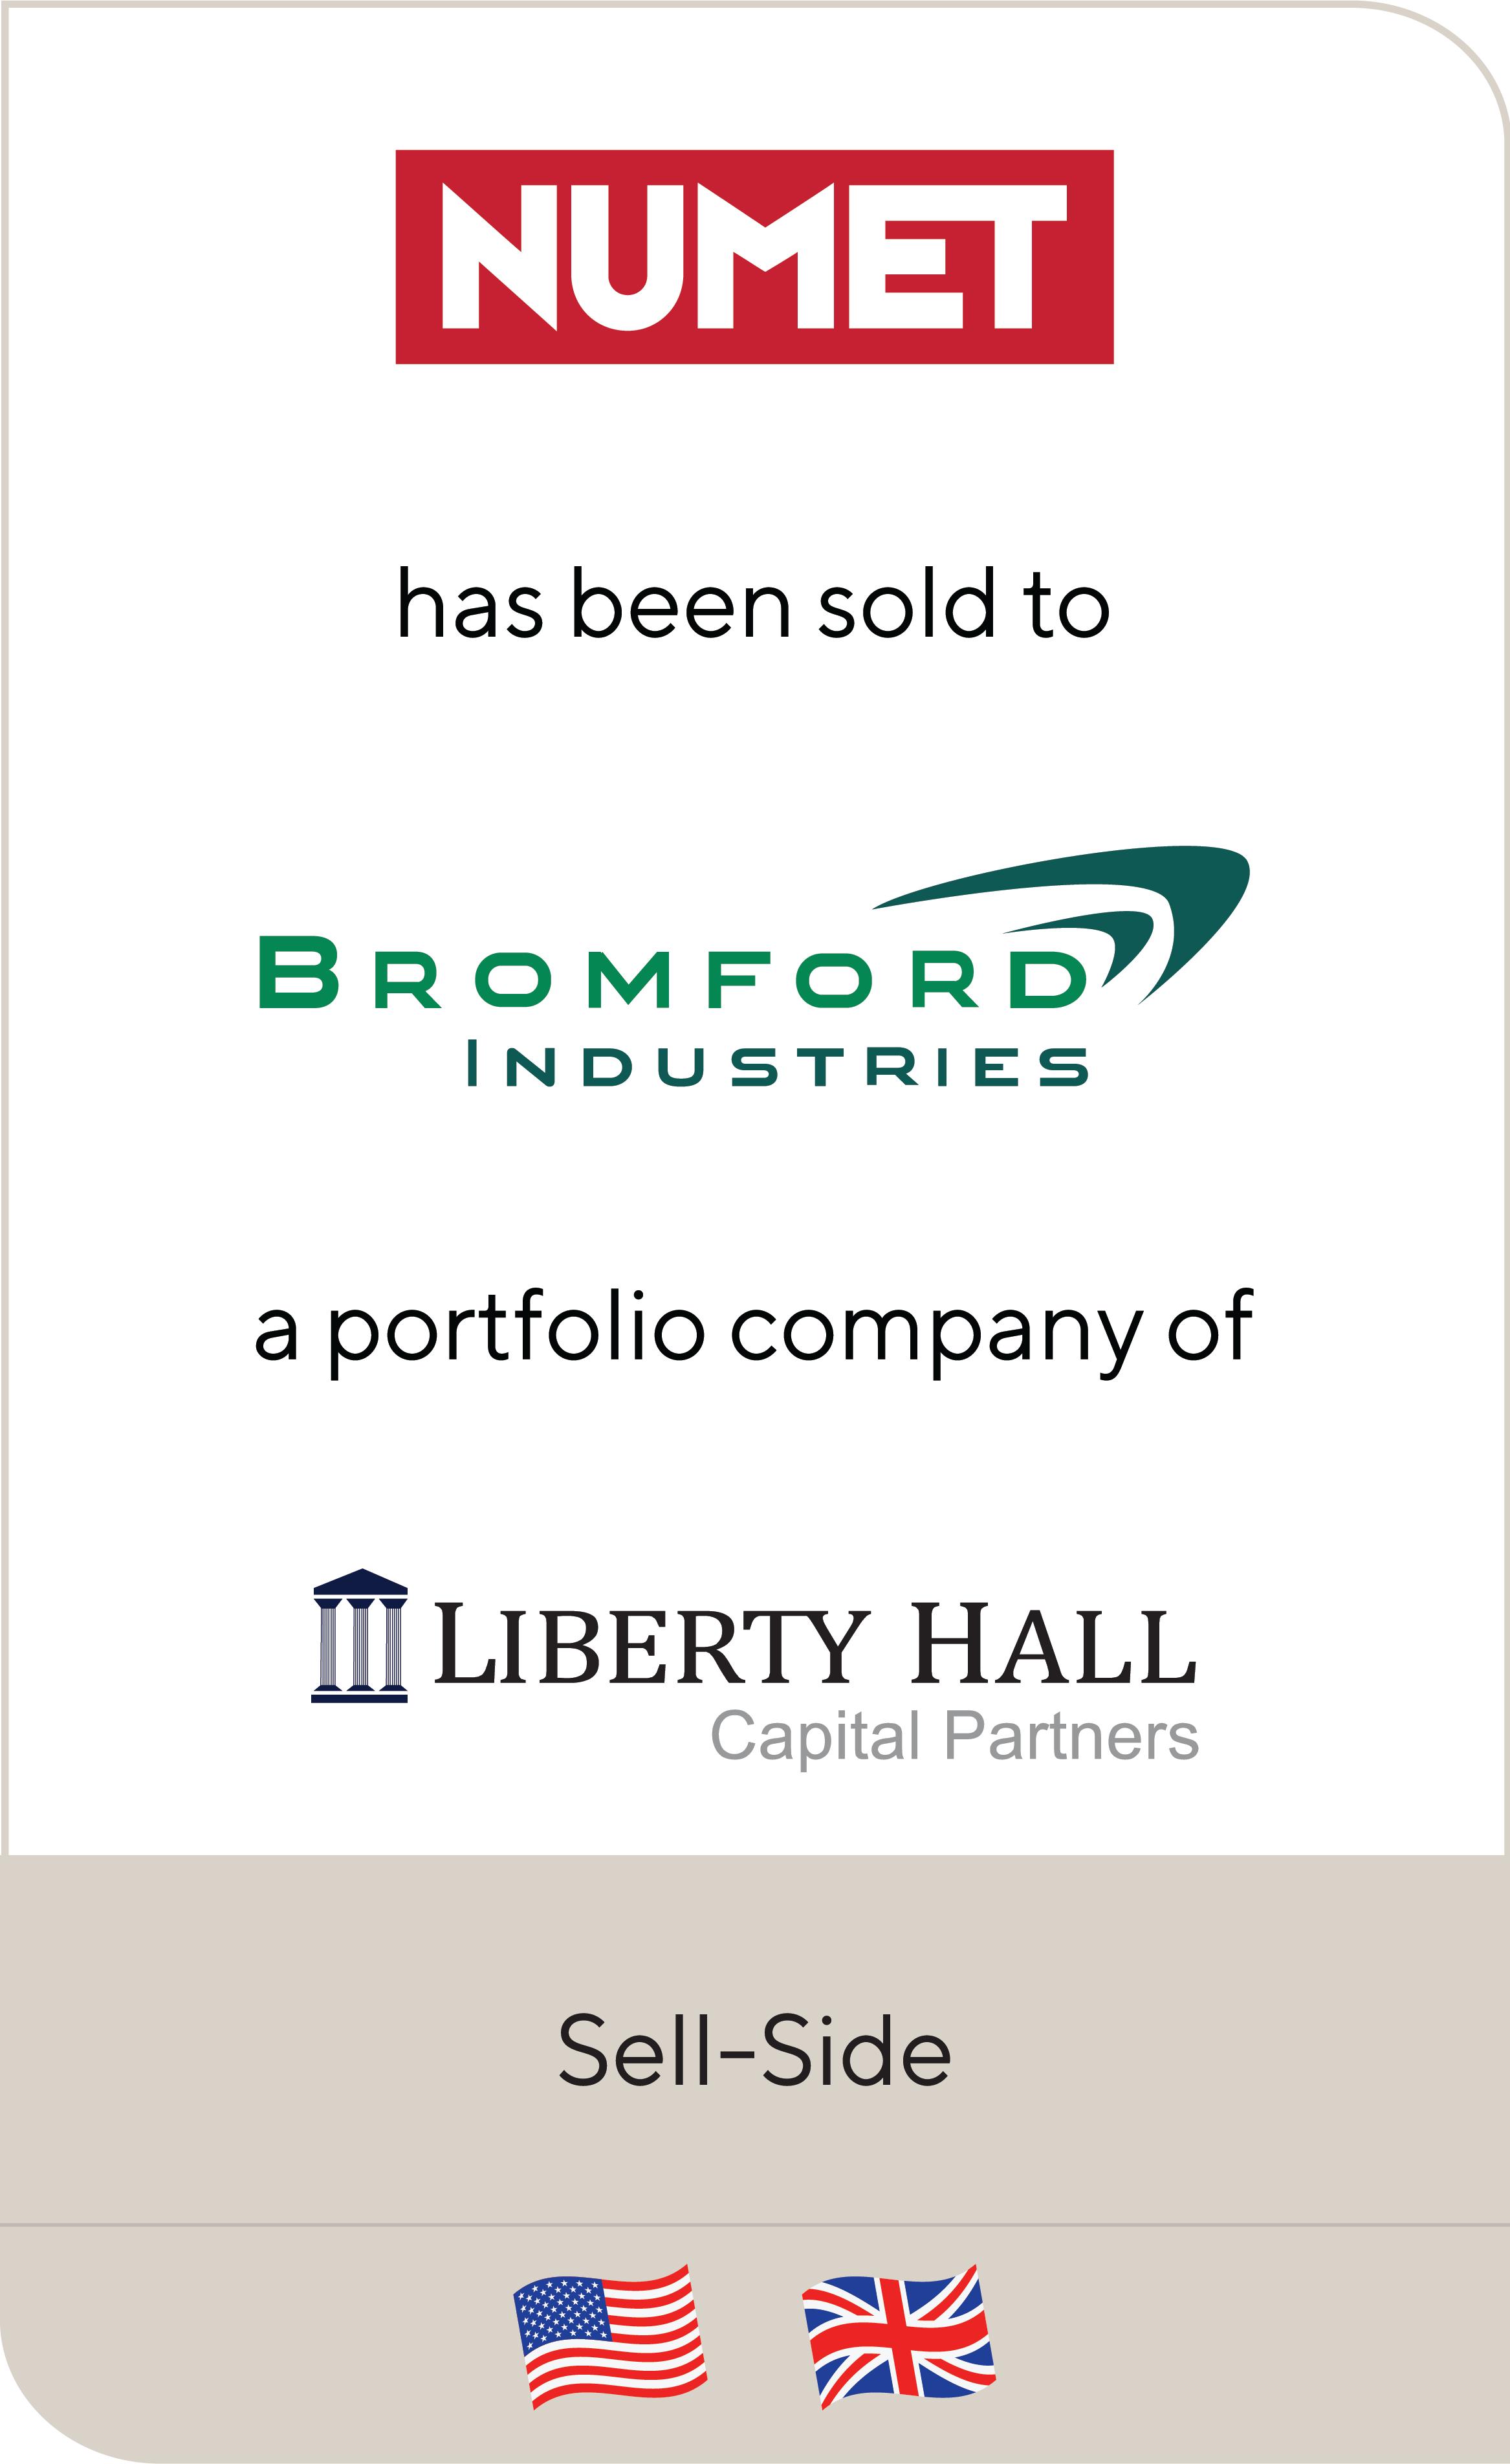 Numet Bromford Liberty Hall 2019